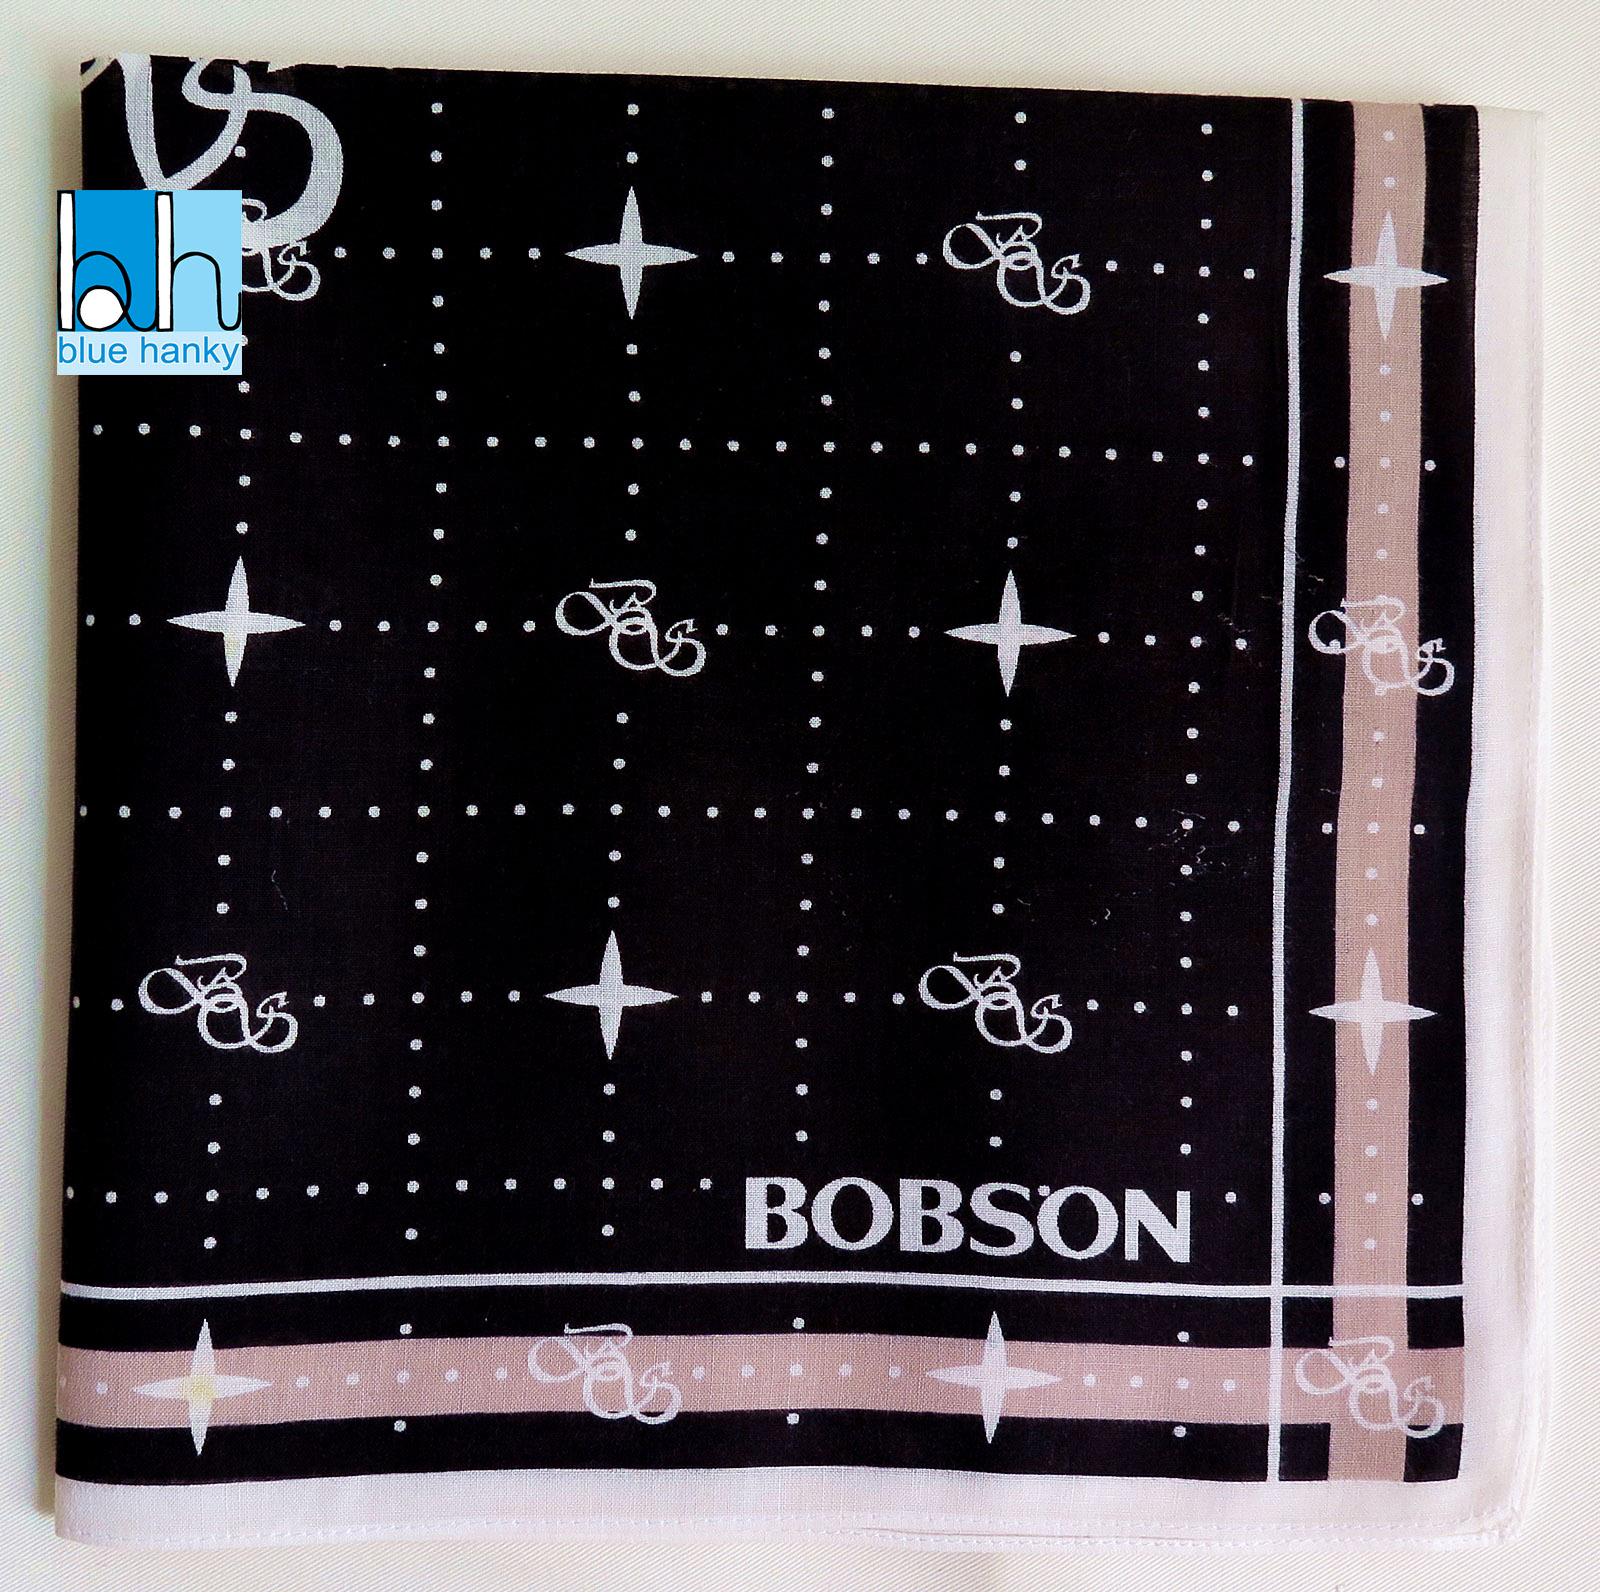 """#261 21"""" BOBSON ผ้าเช็ดหน้ามือ2 สภาพดี ผ้าเช็ดหน้าผืนใหญ่"""